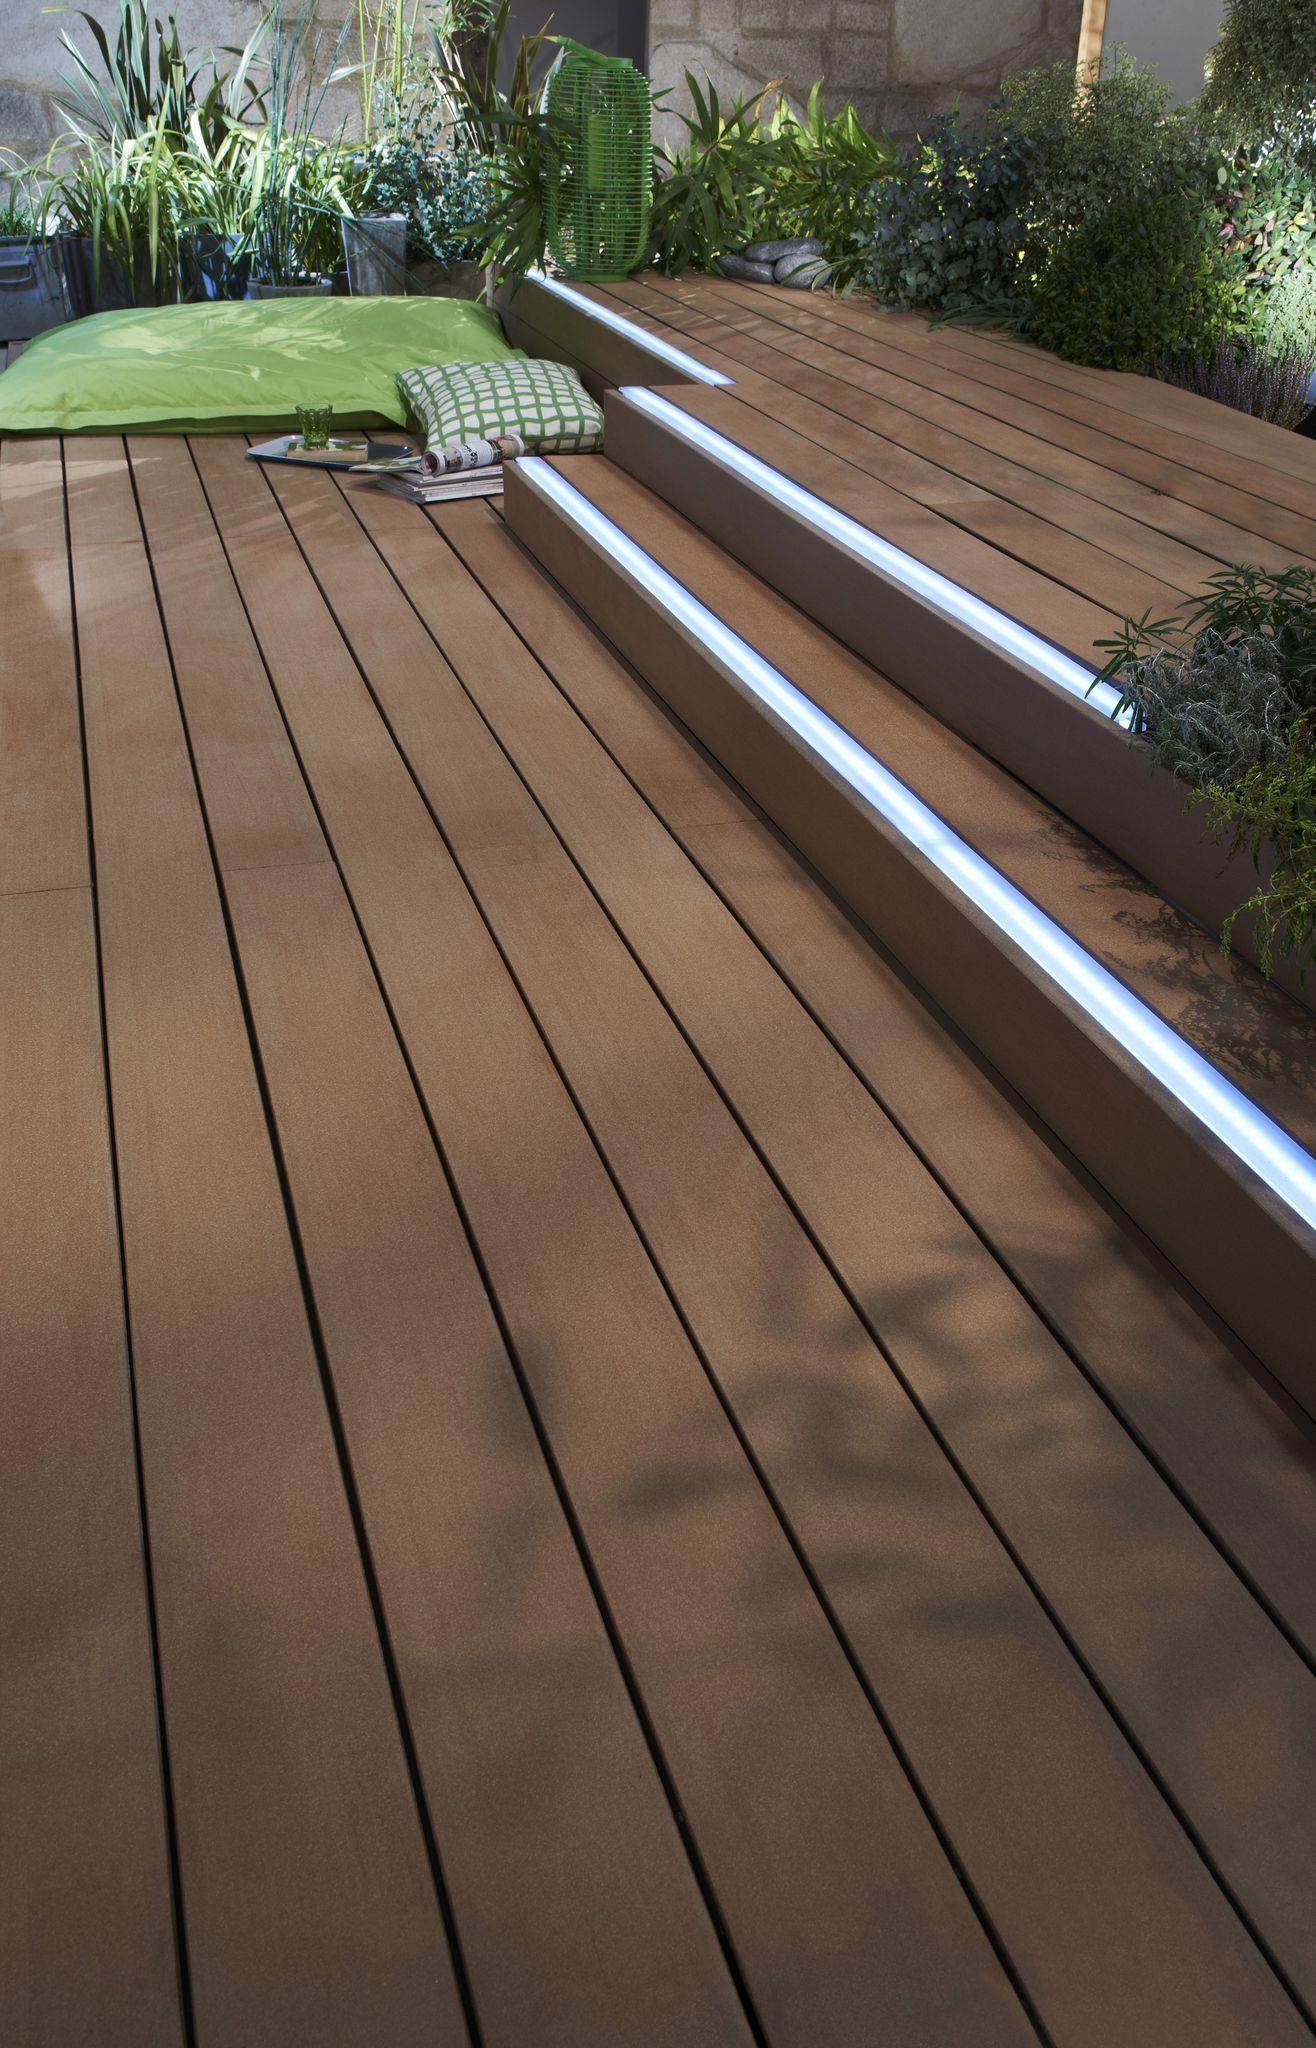 Eclairage Exterieur Lumieres Pour Mettre En Valeur La Terrasse Eclairage Exterieur Eclairage Exterieur Terrasse Lumiere Terrasse